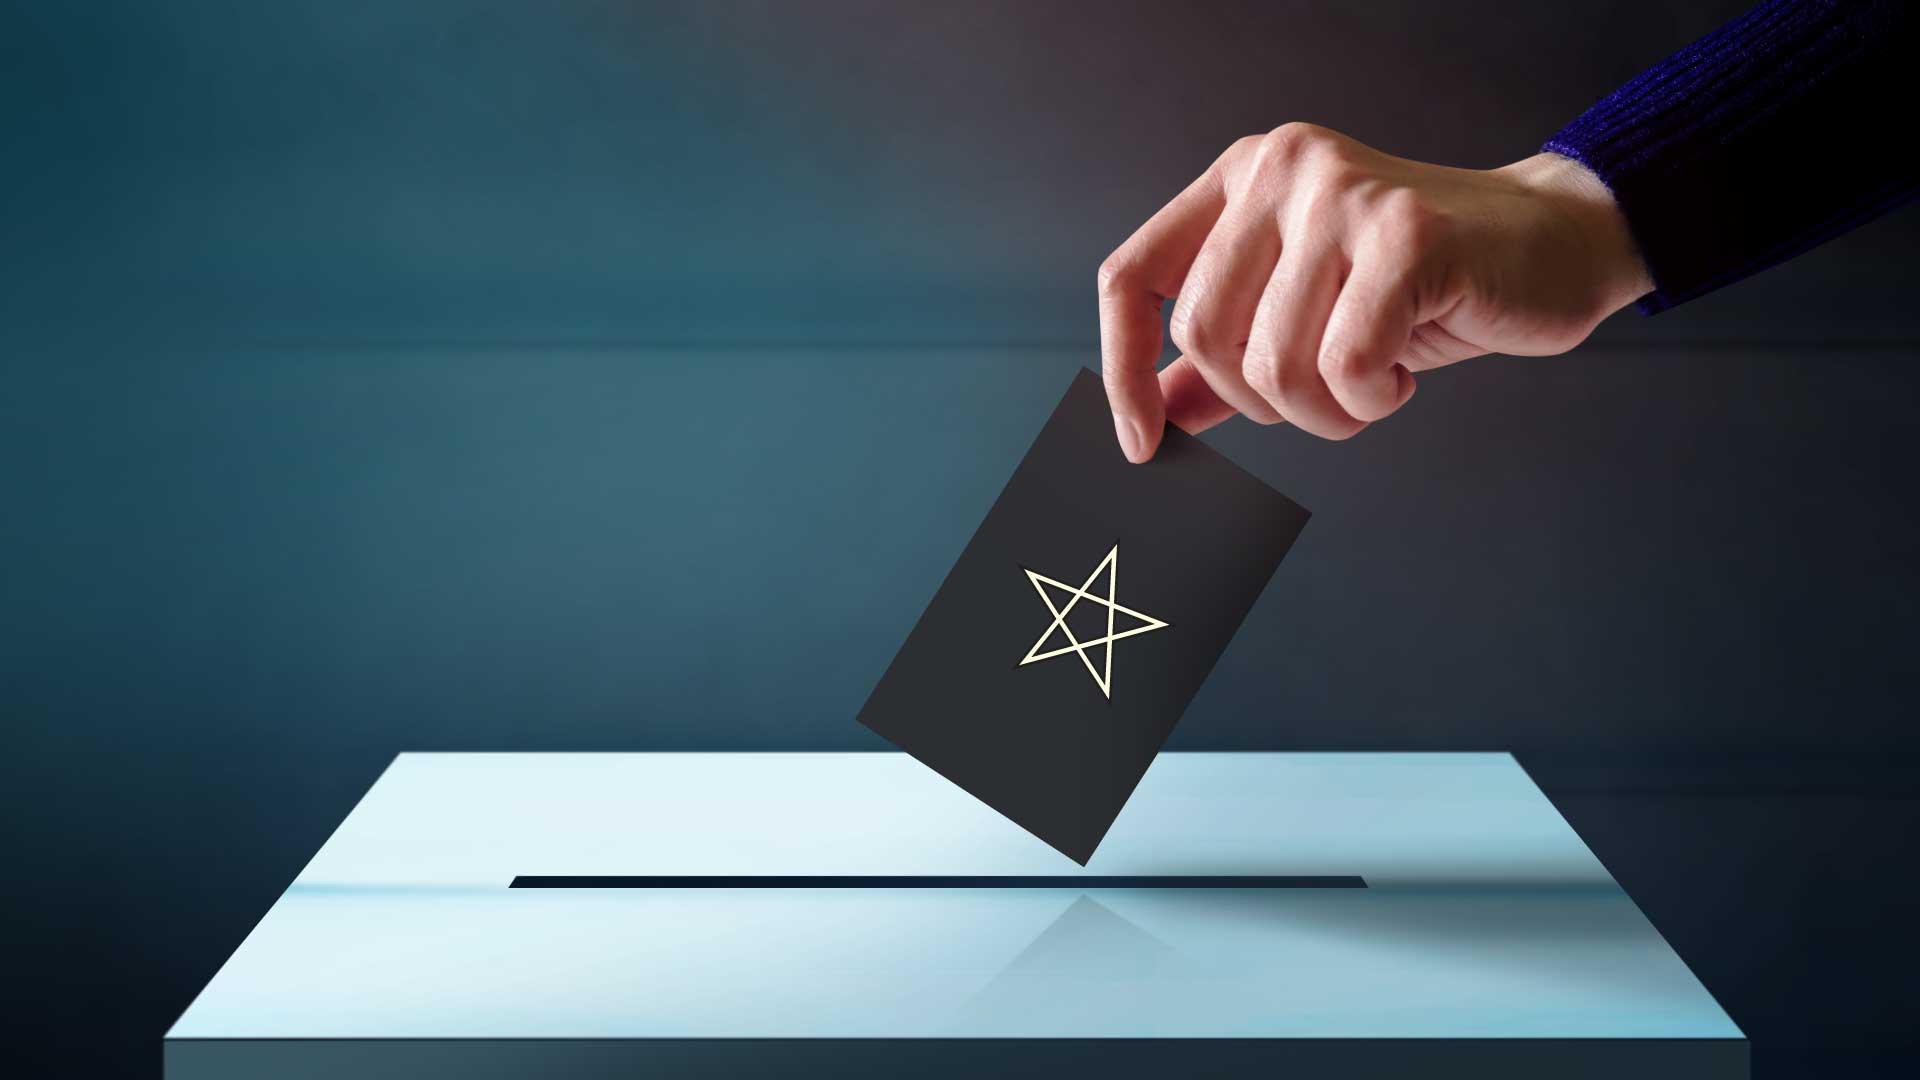 長崎市議会議員選挙 2019 QandA 16